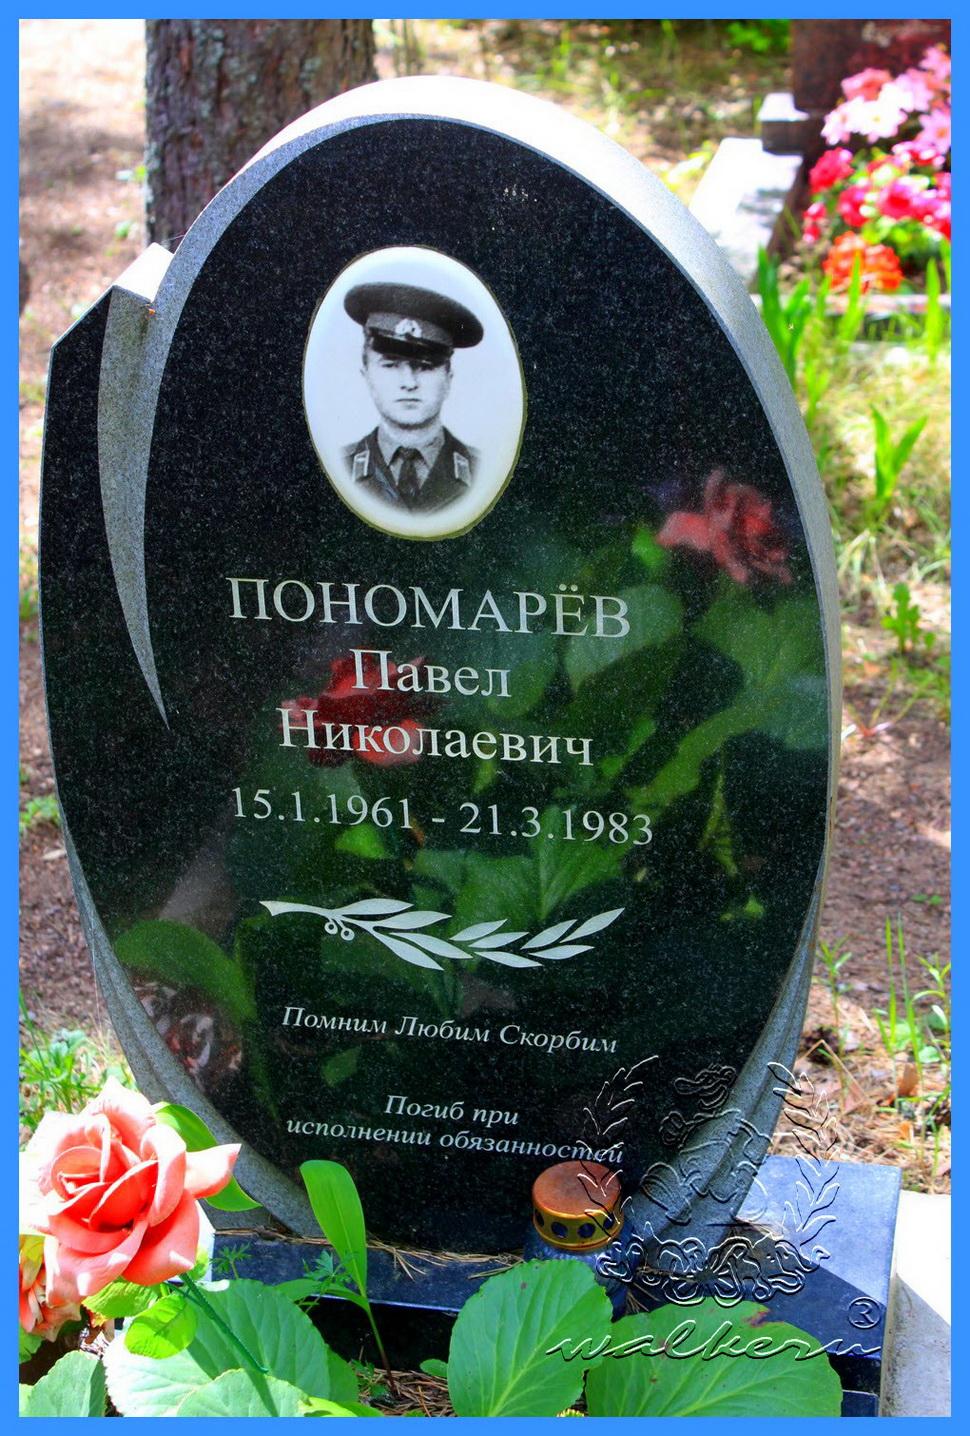 Пономарёв Павел Николаевич